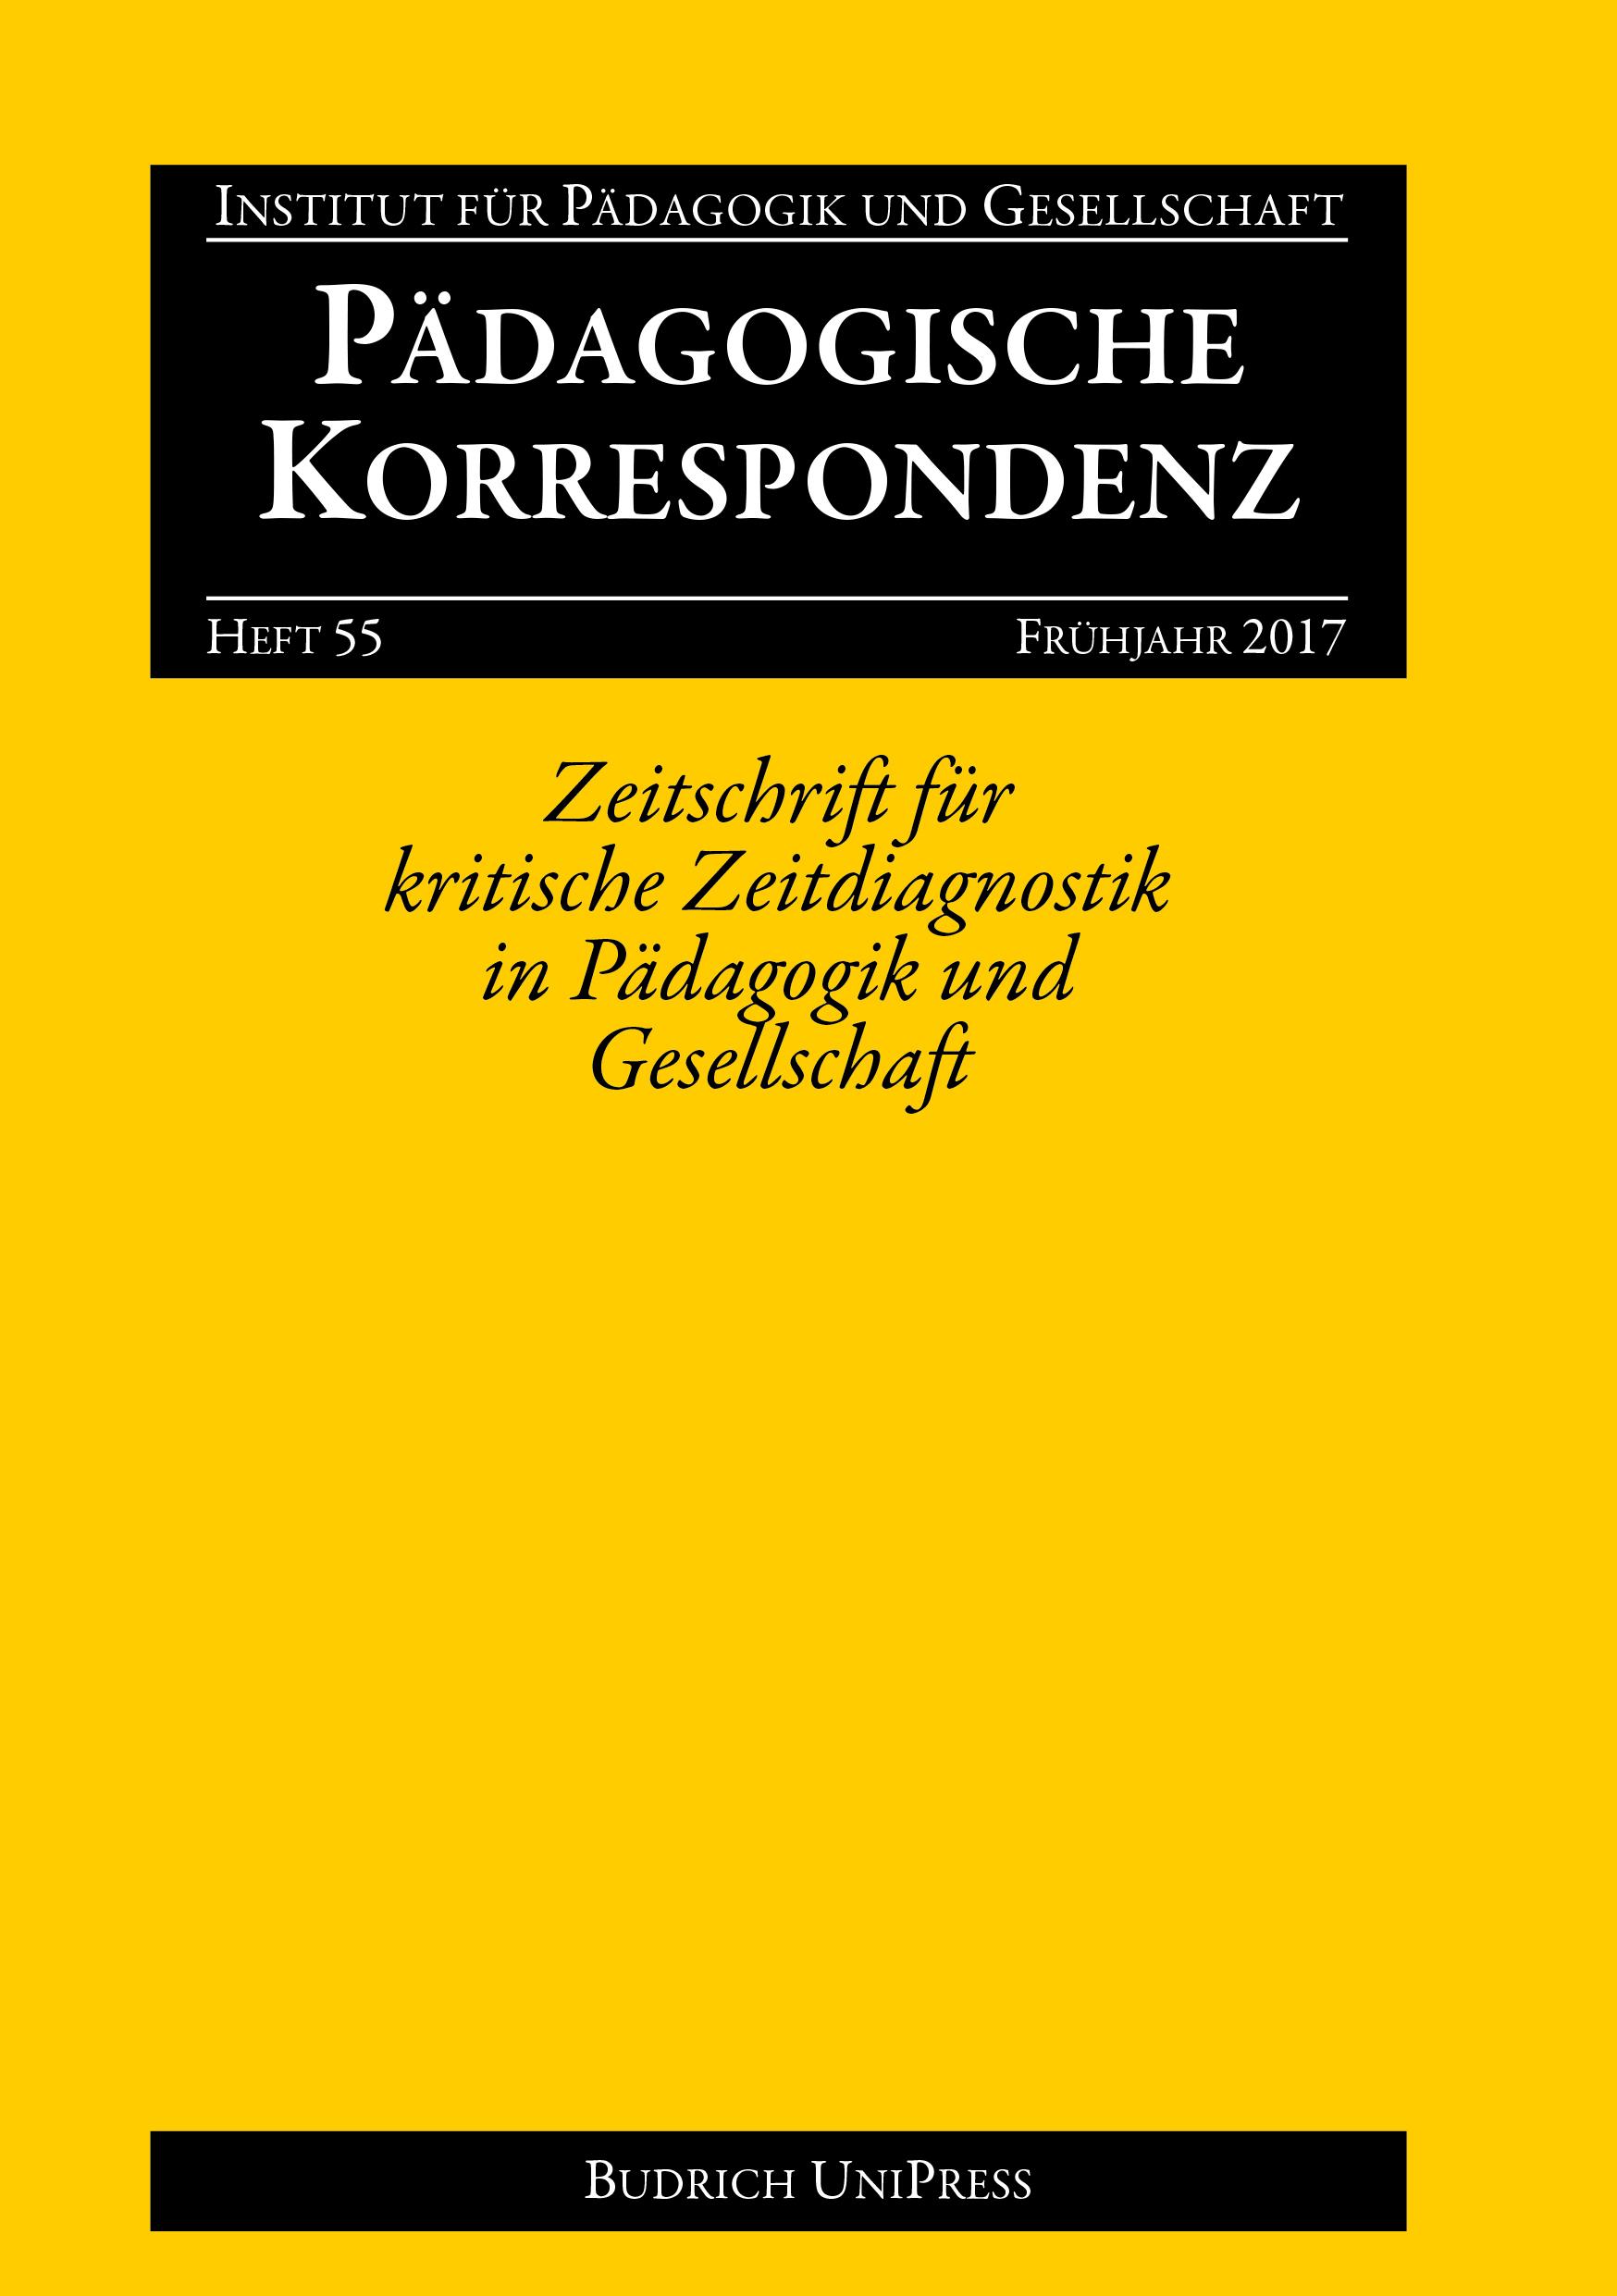 Pädagogische Korrespondenz 1-2017